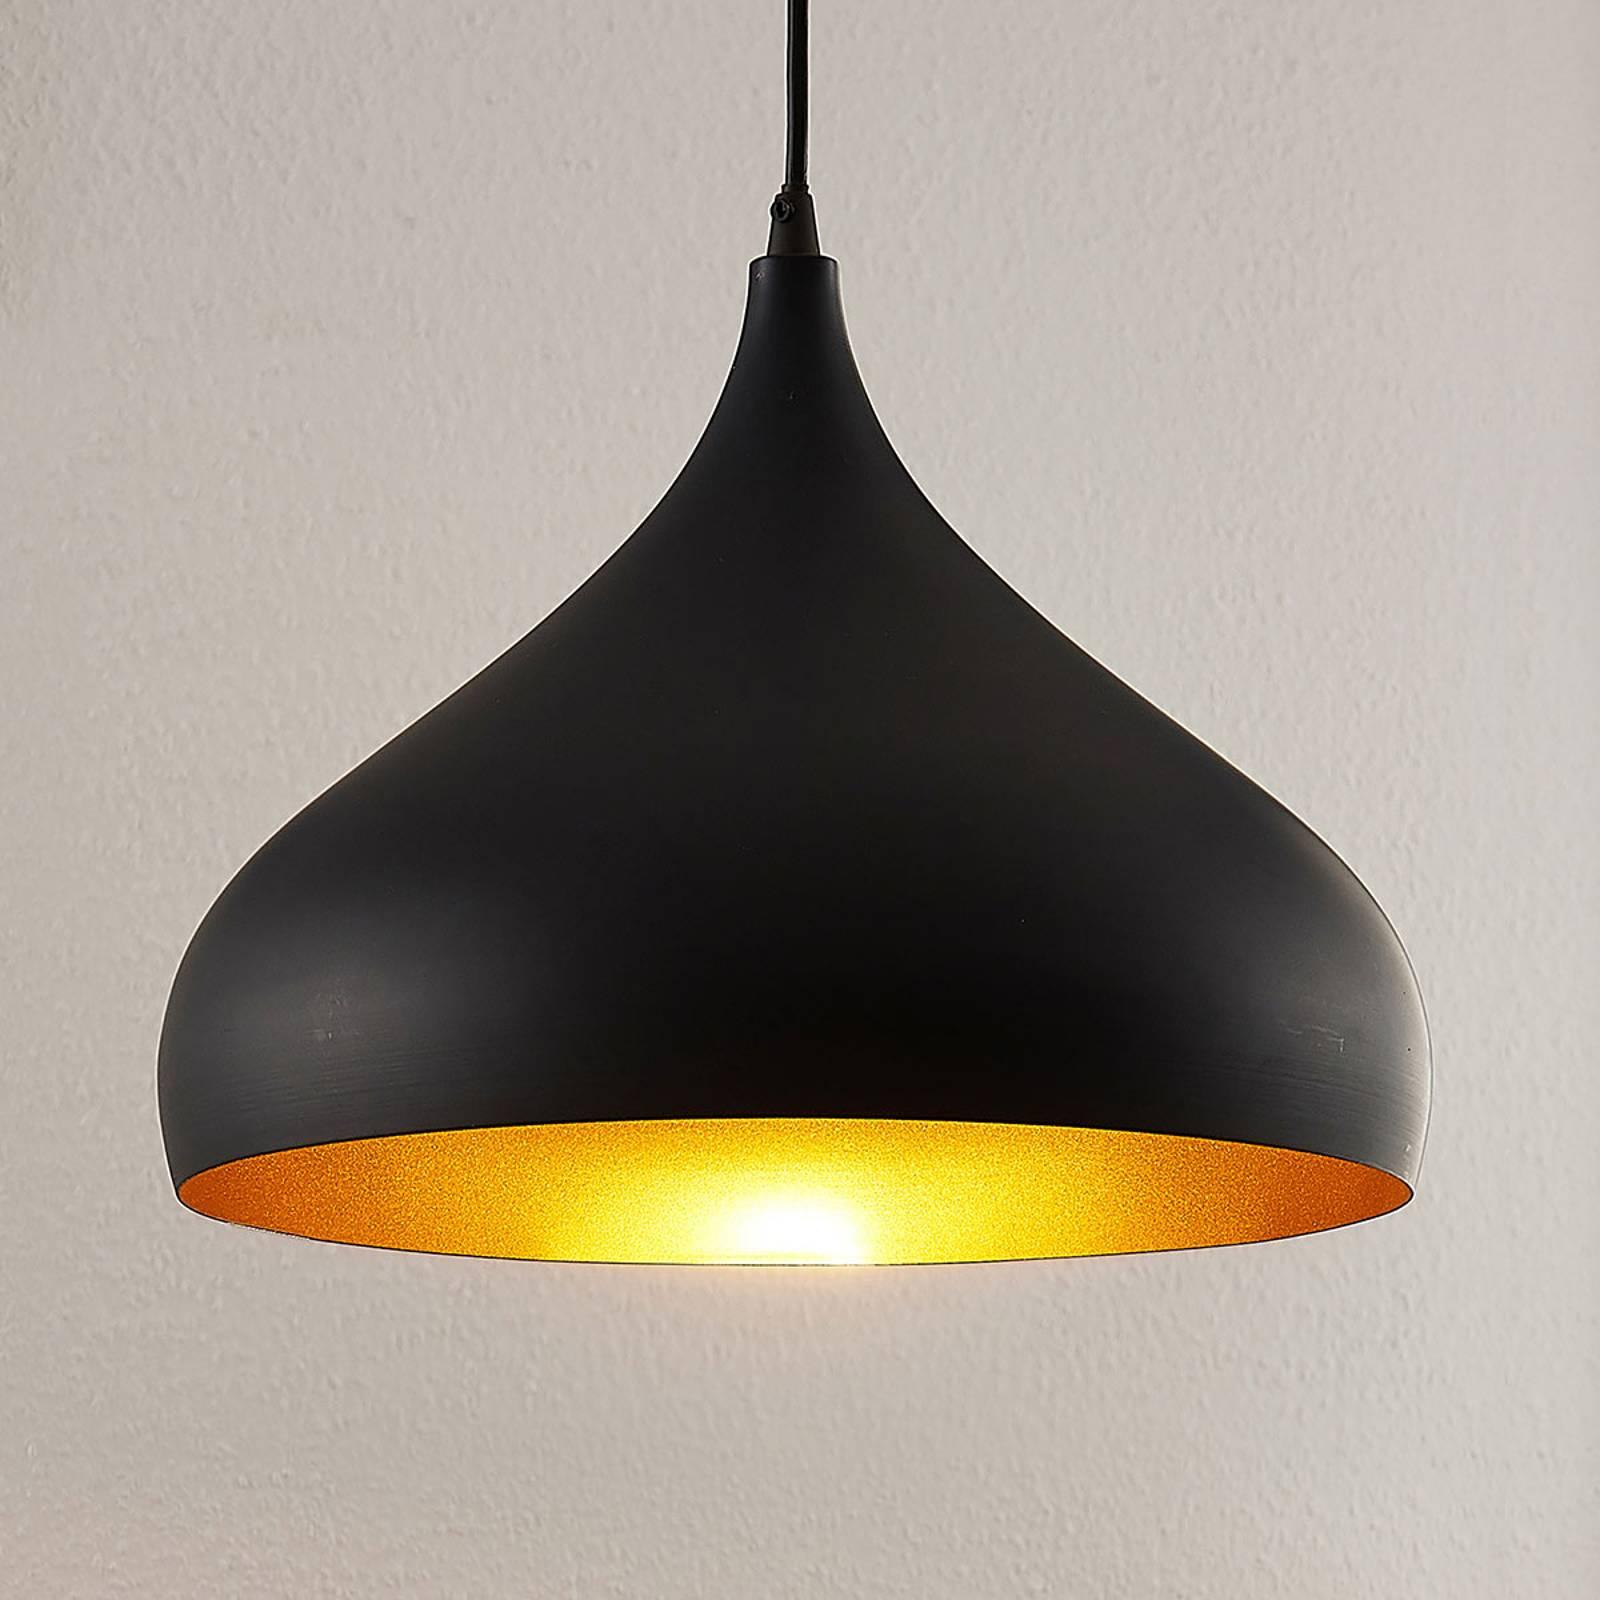 Lampa wisząca Ritana, czarno-złota